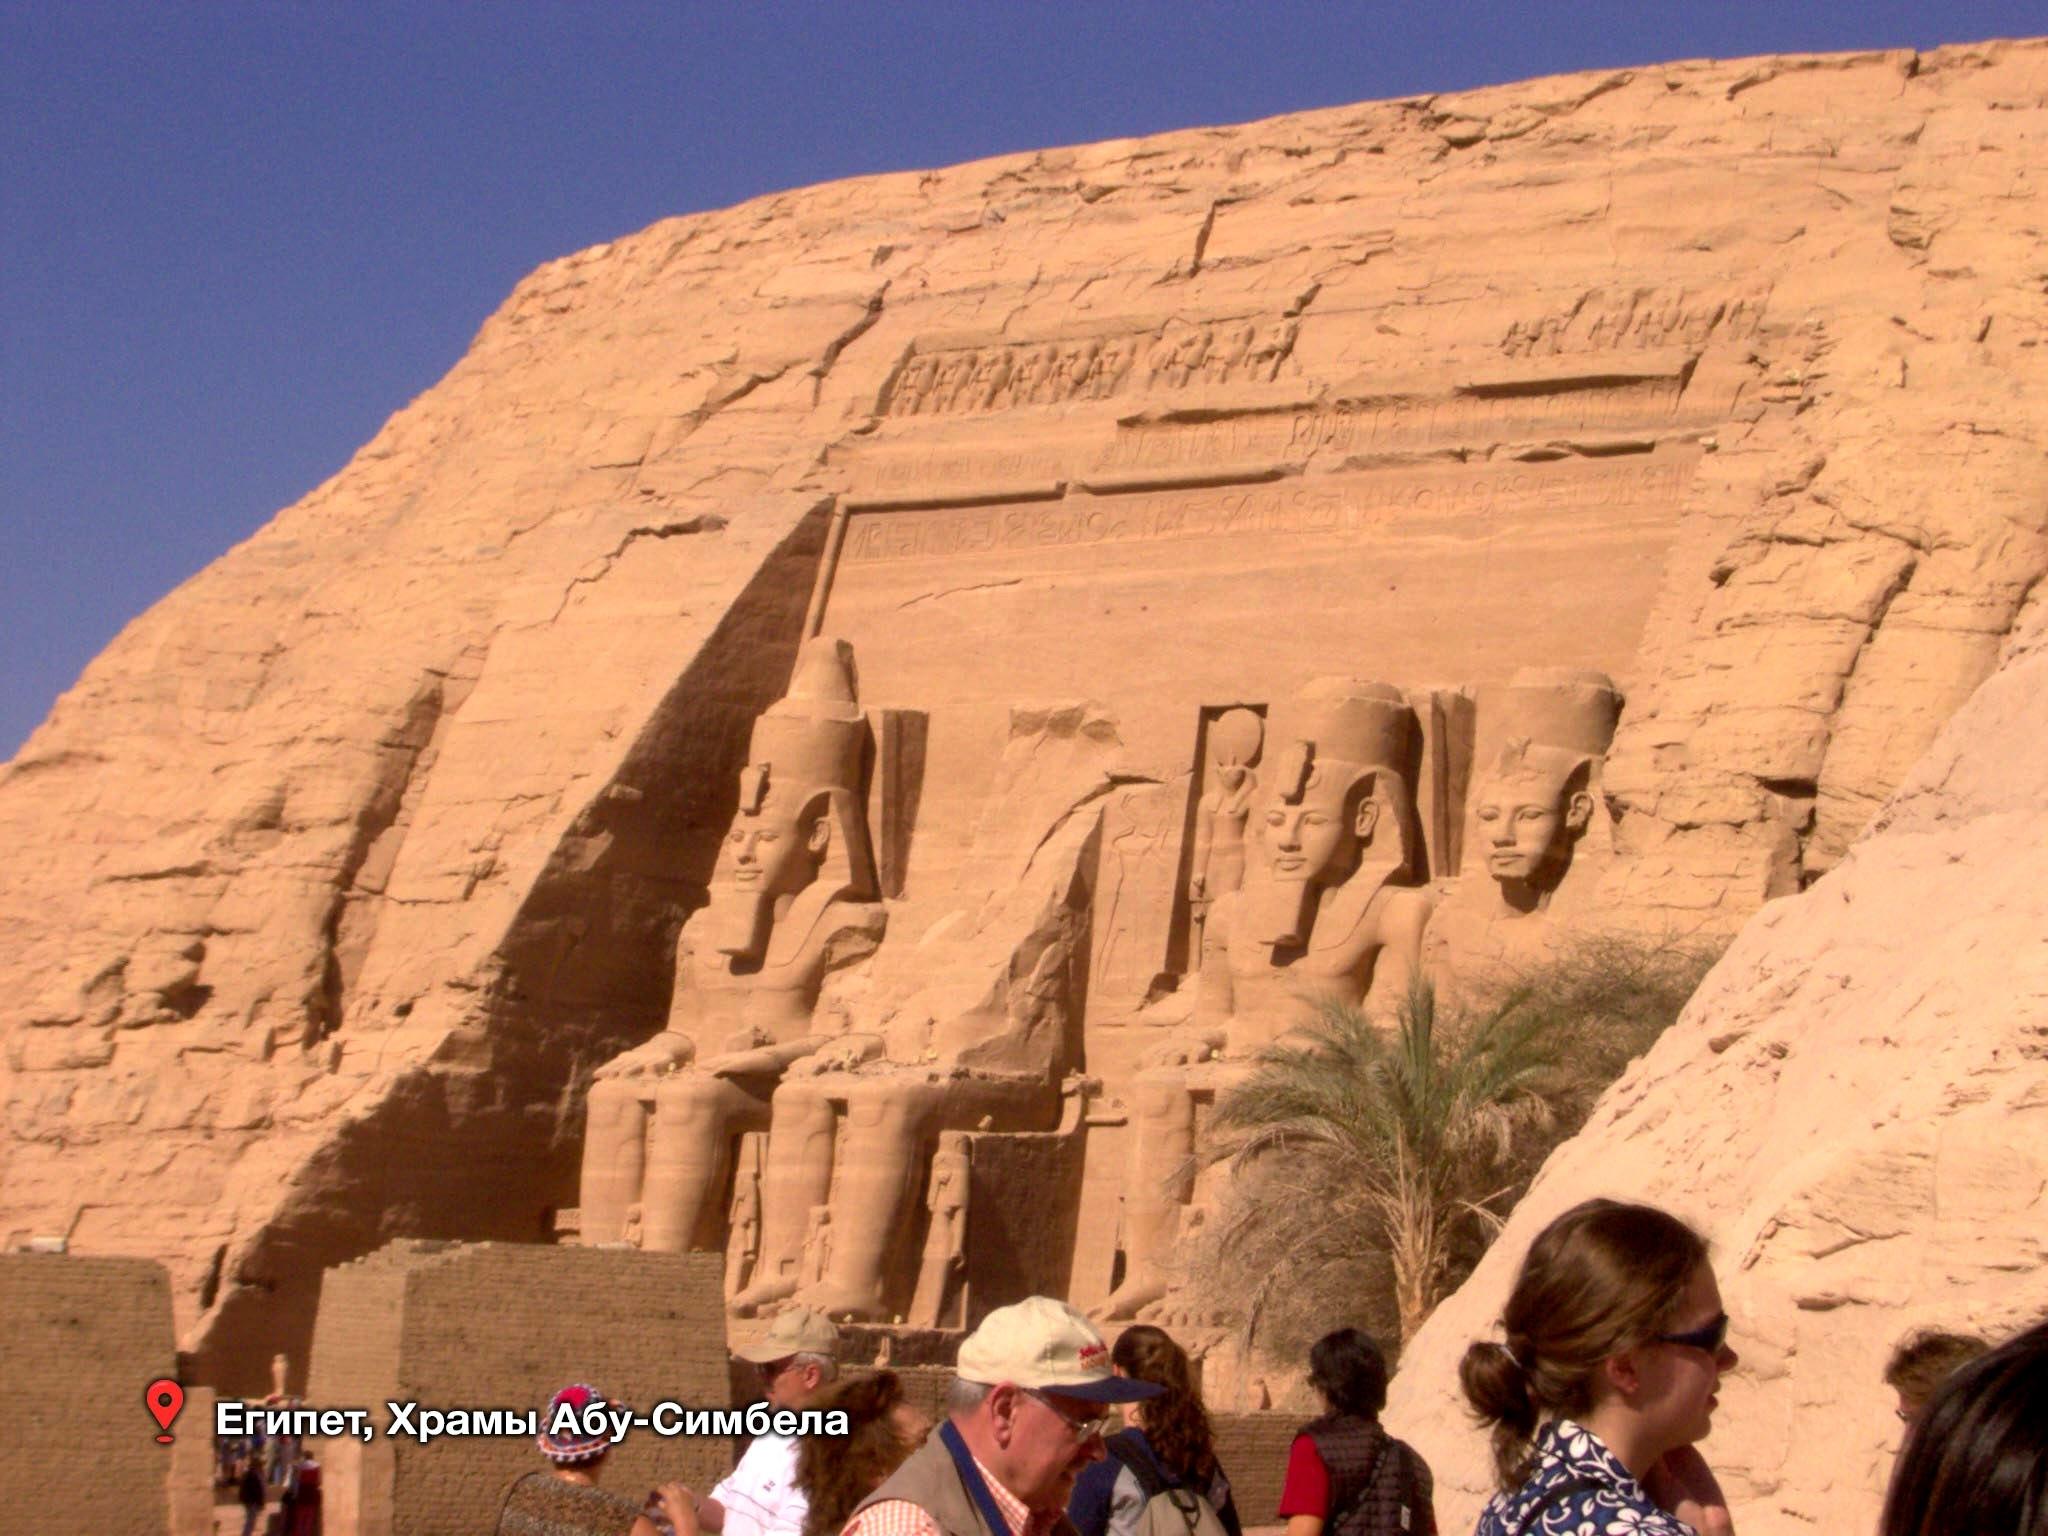 Отдых в апреле в Египте, храмы Абу-Симбела, куда поехать, что посмотреть.